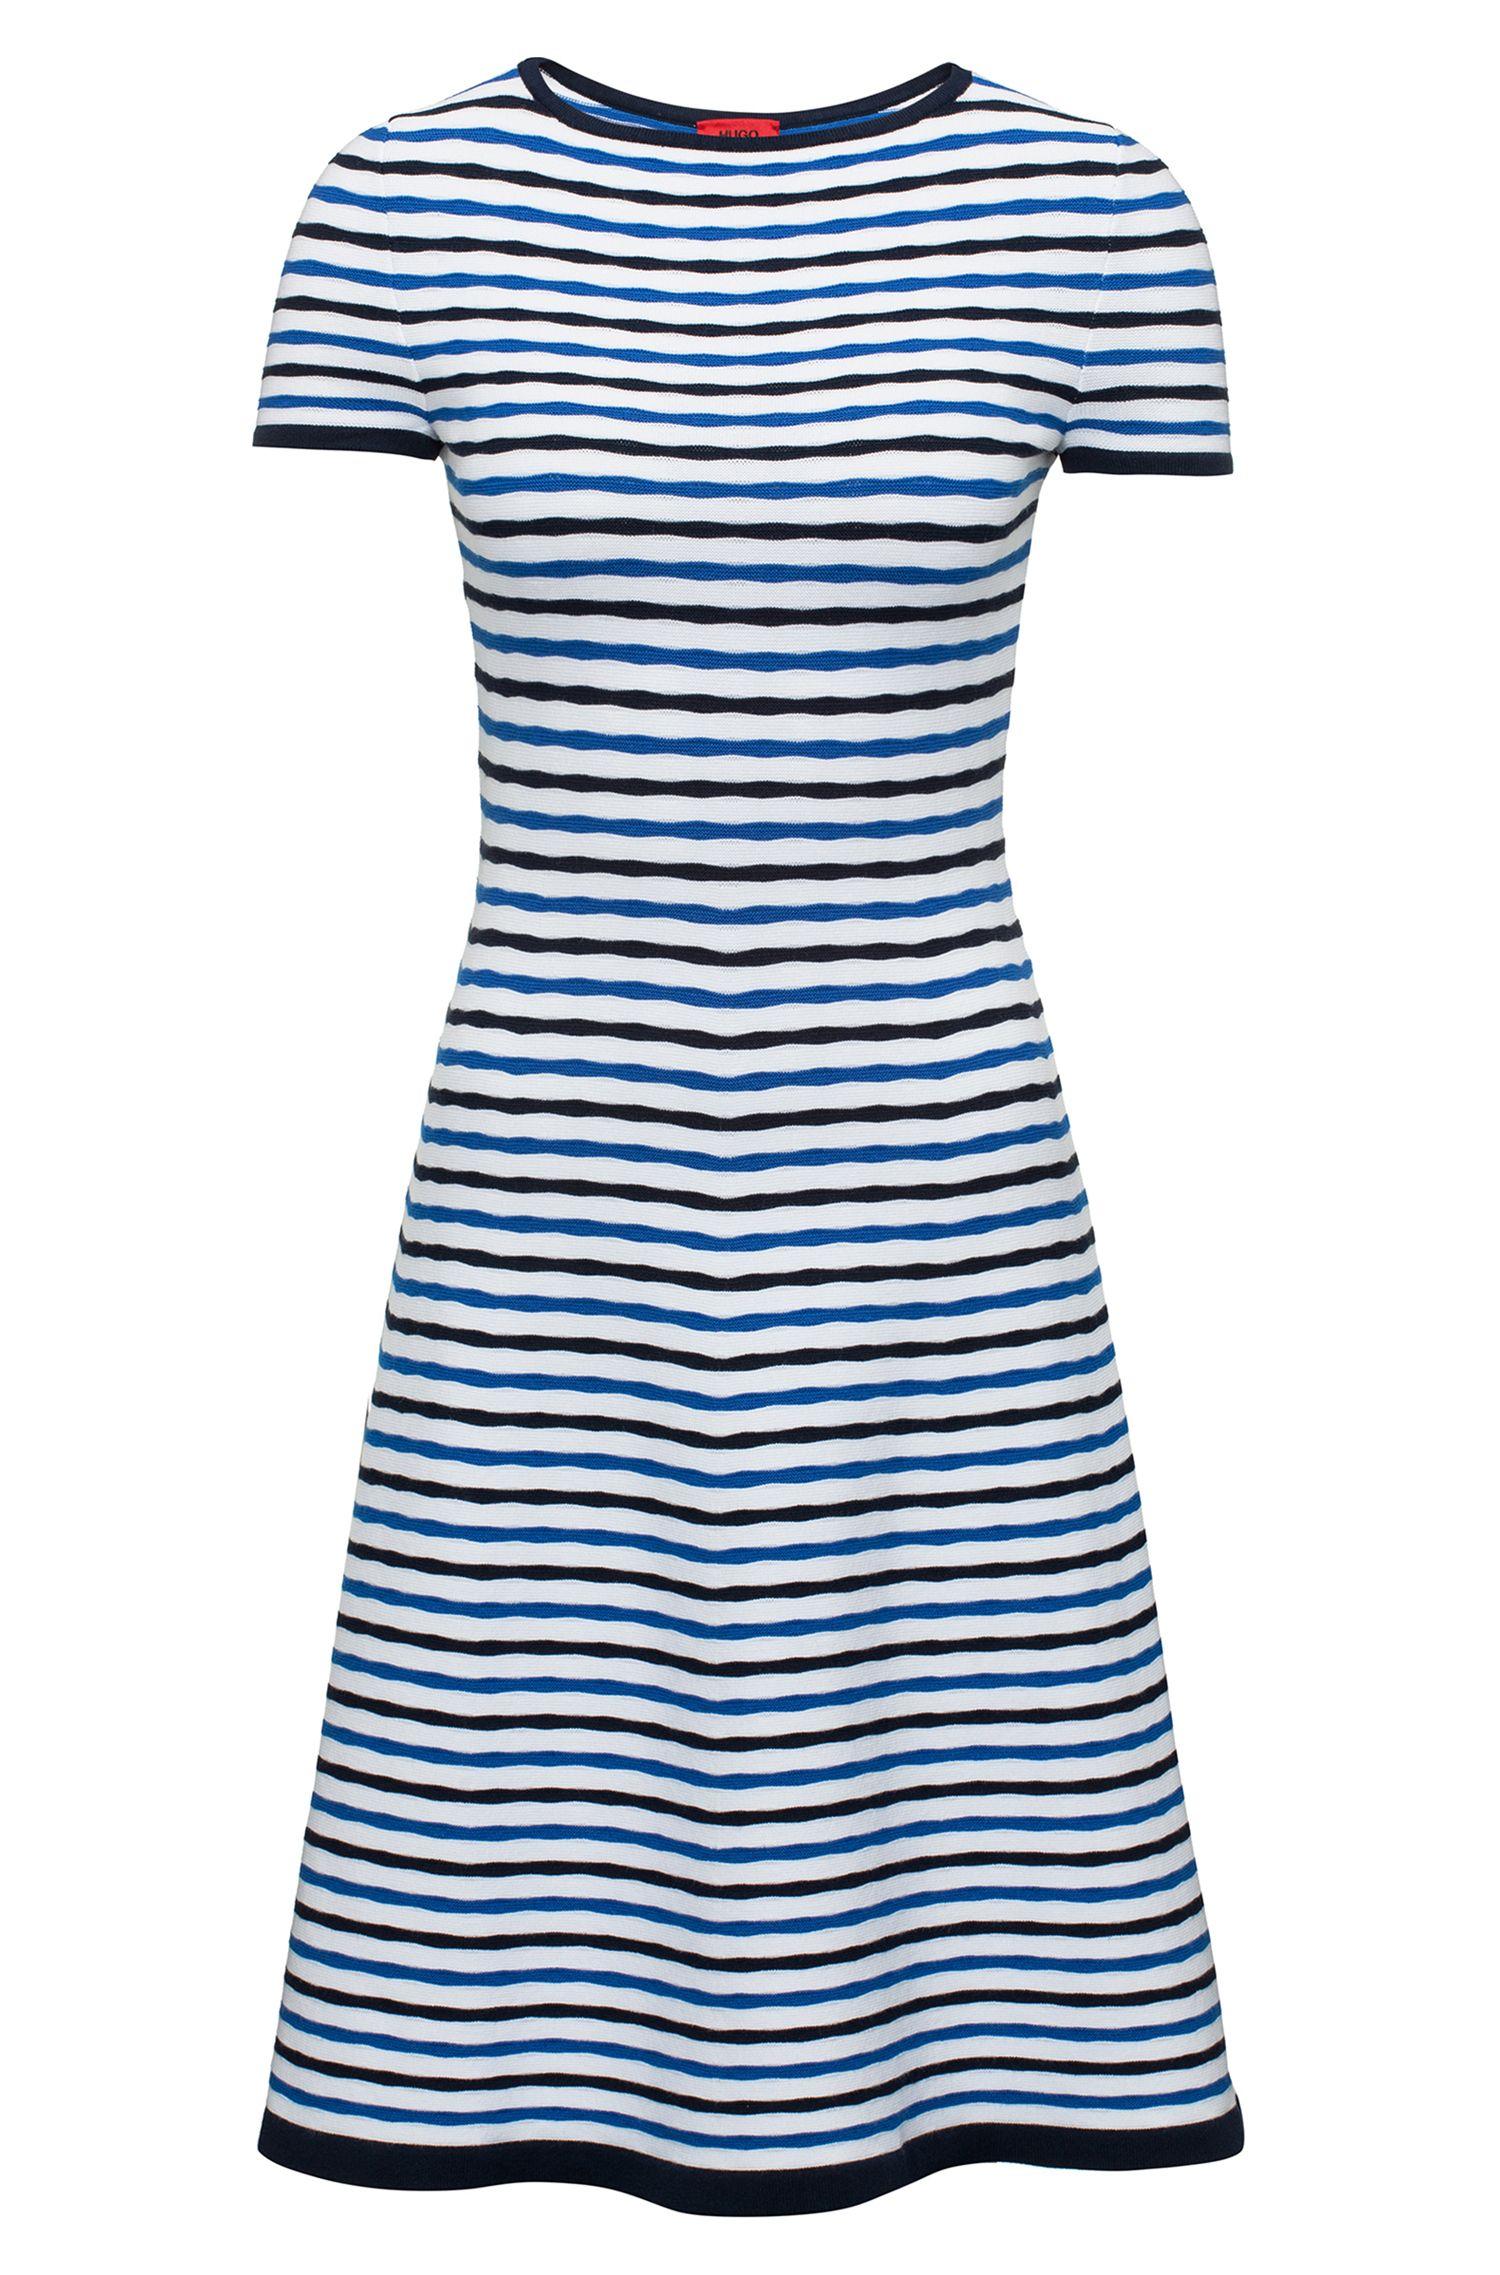 Striped A-Line Dress | Sawnia